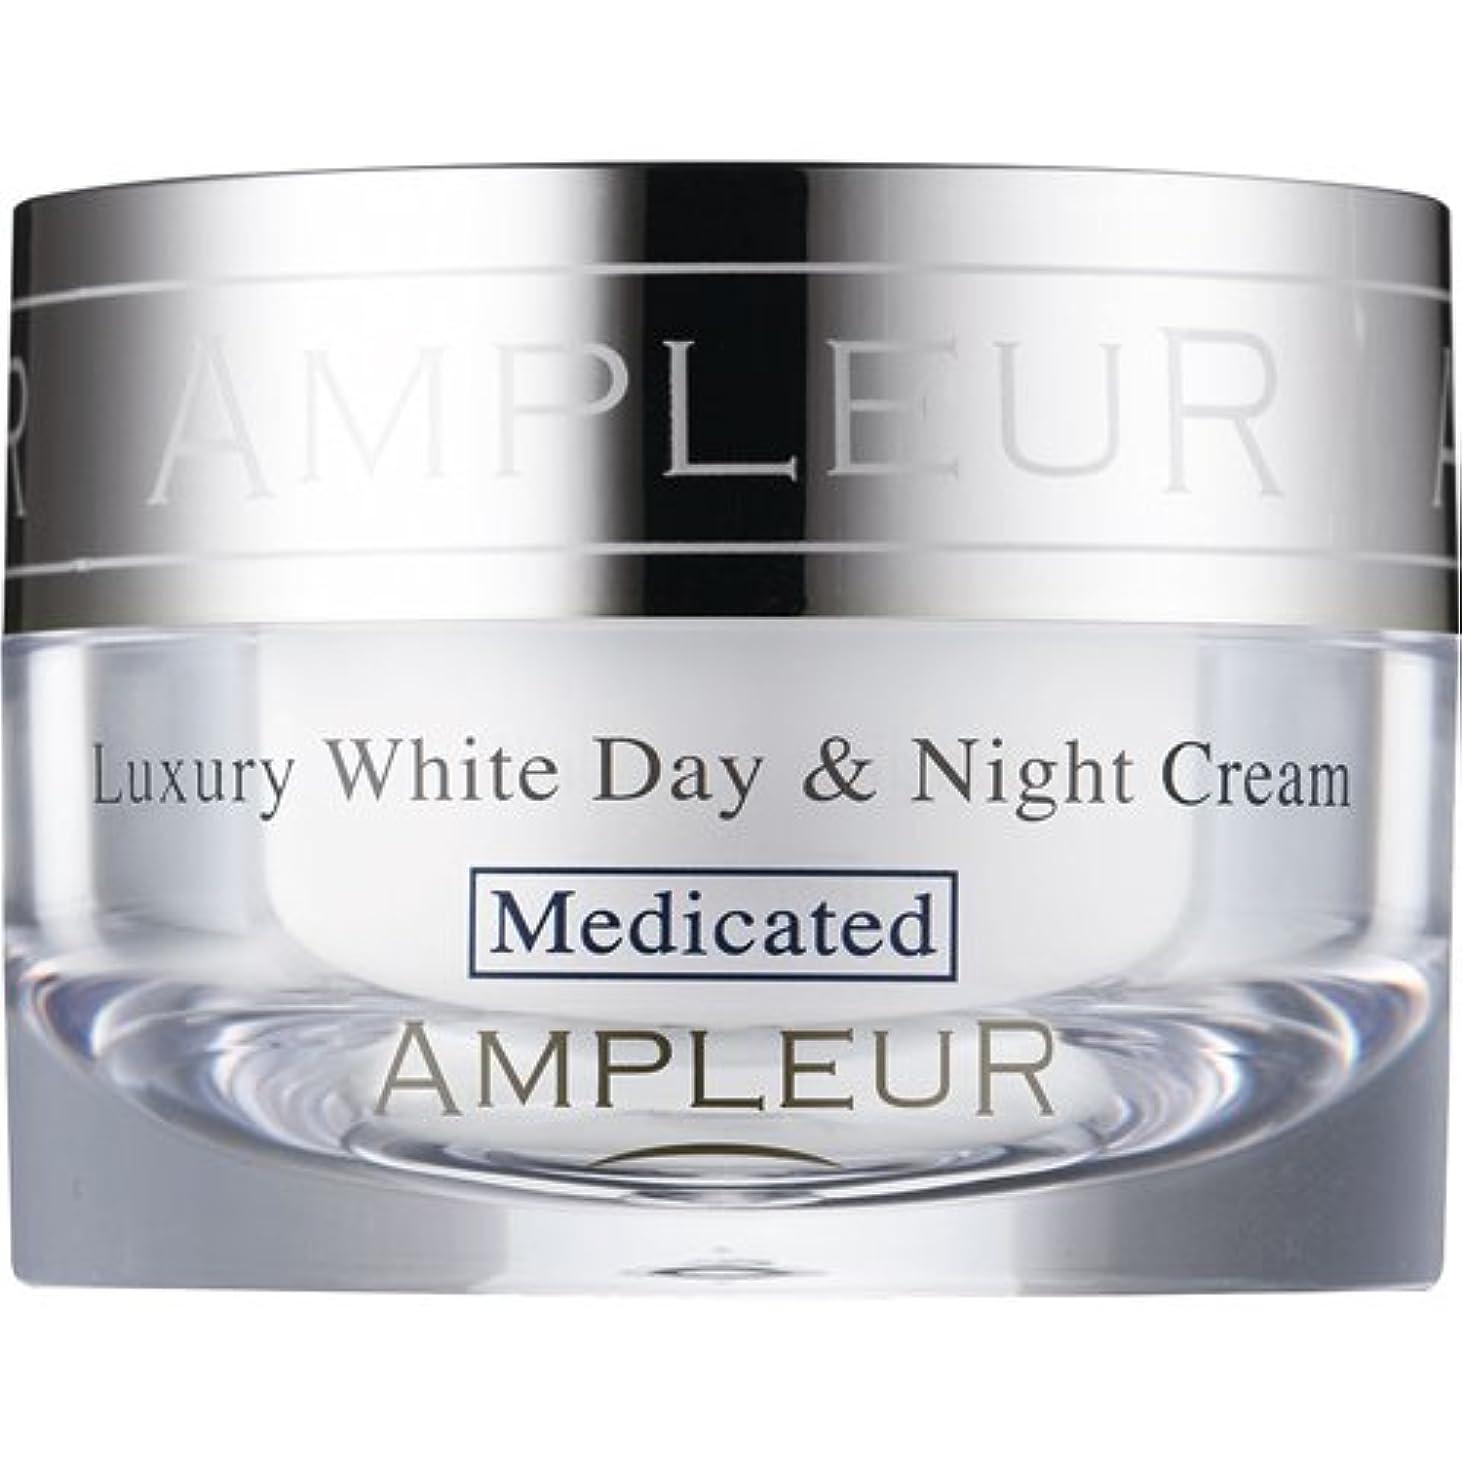 ガス気候の山一目AMPLEUR(アンプルール) ラグジュアリーホワイト 薬用デイ&ナイトクリーム 30g